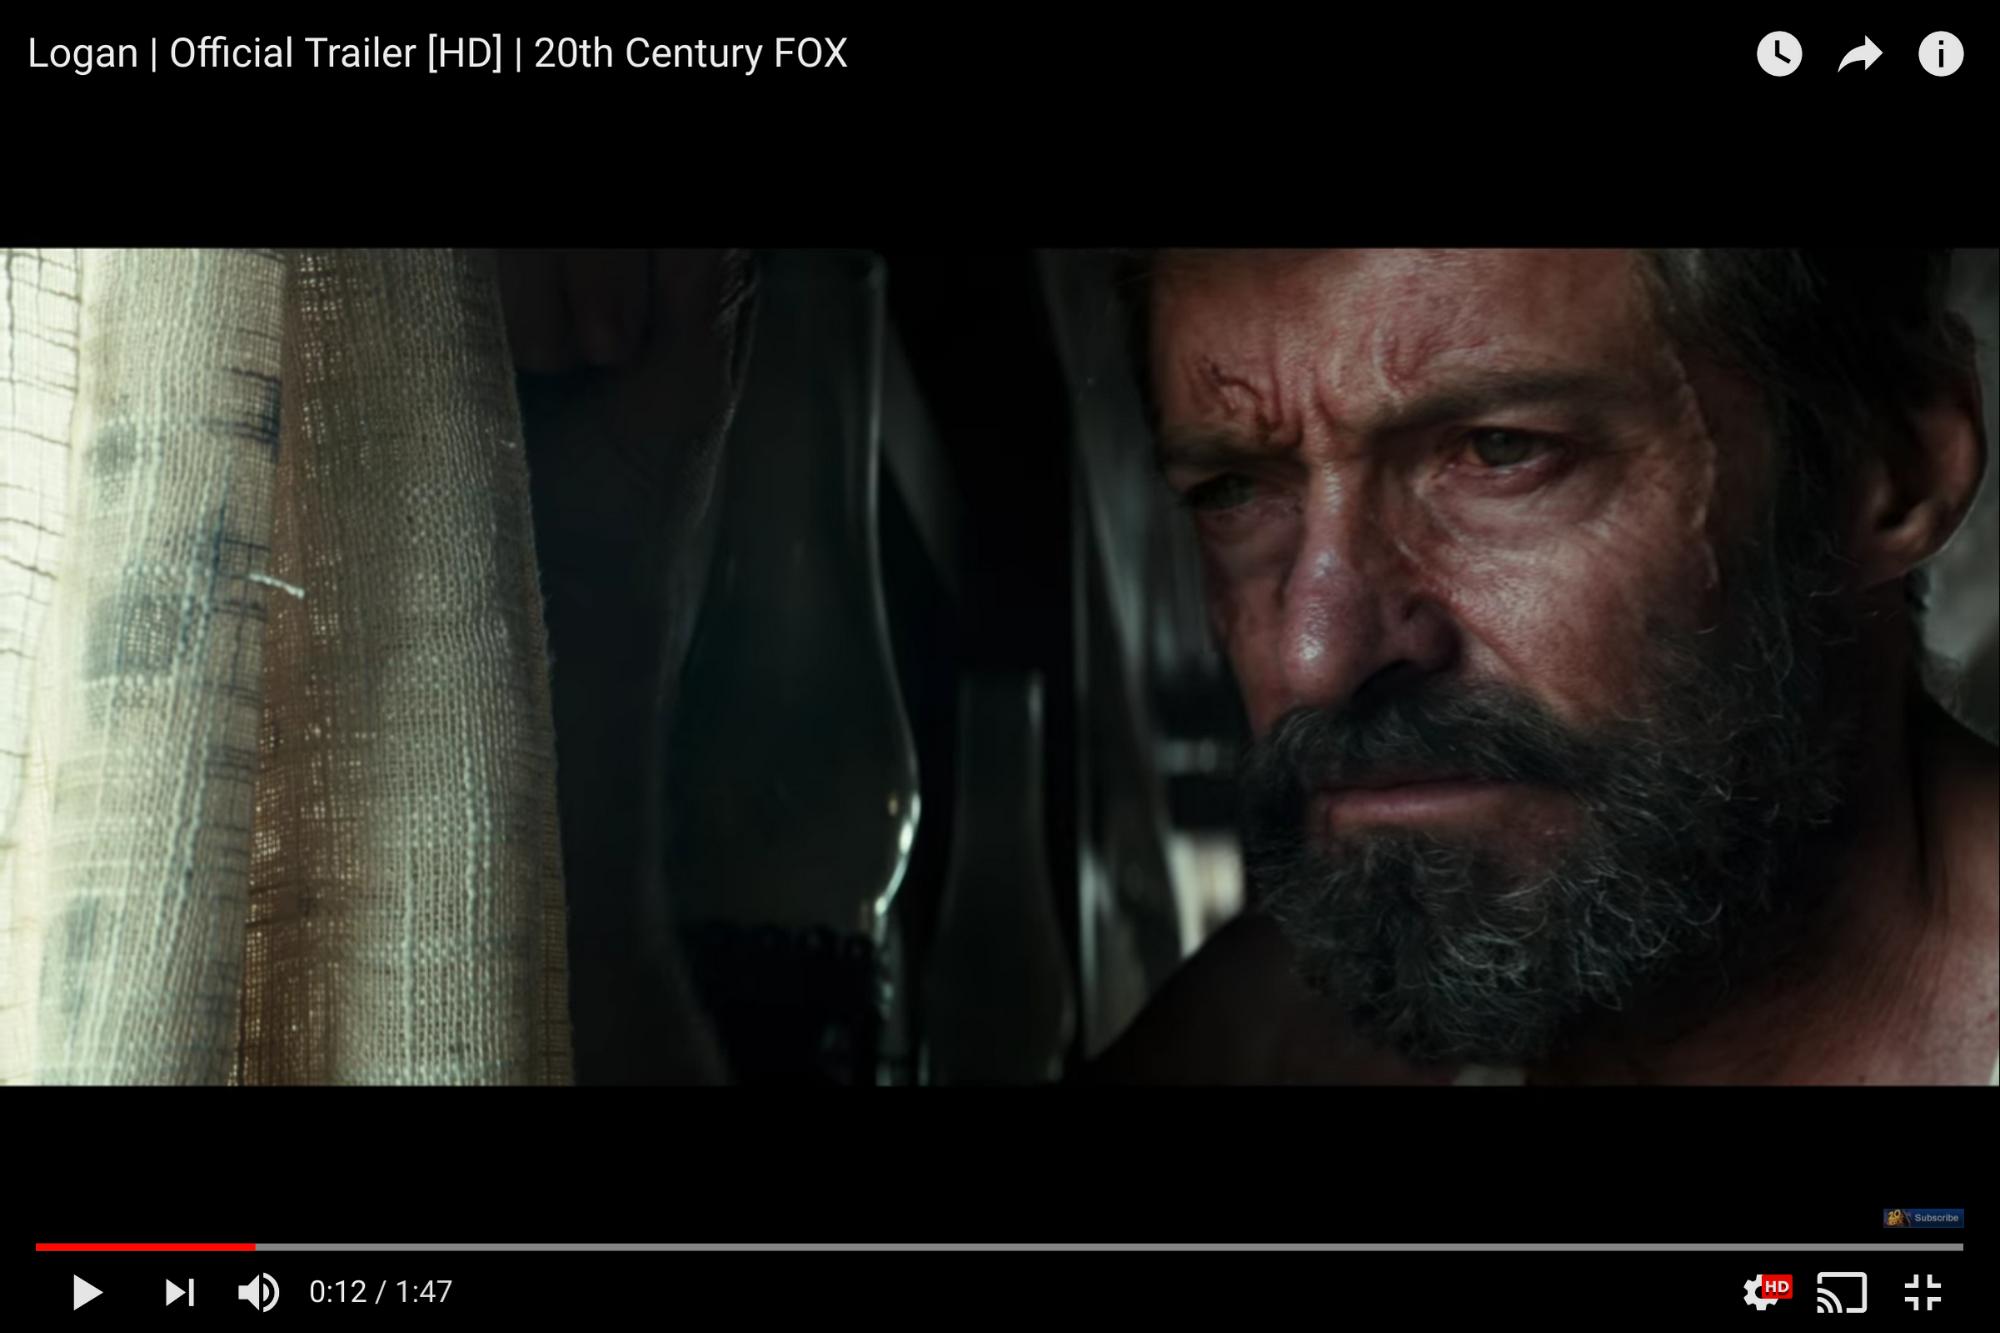 Logan_official_trailer_second_12hm8m.PNG